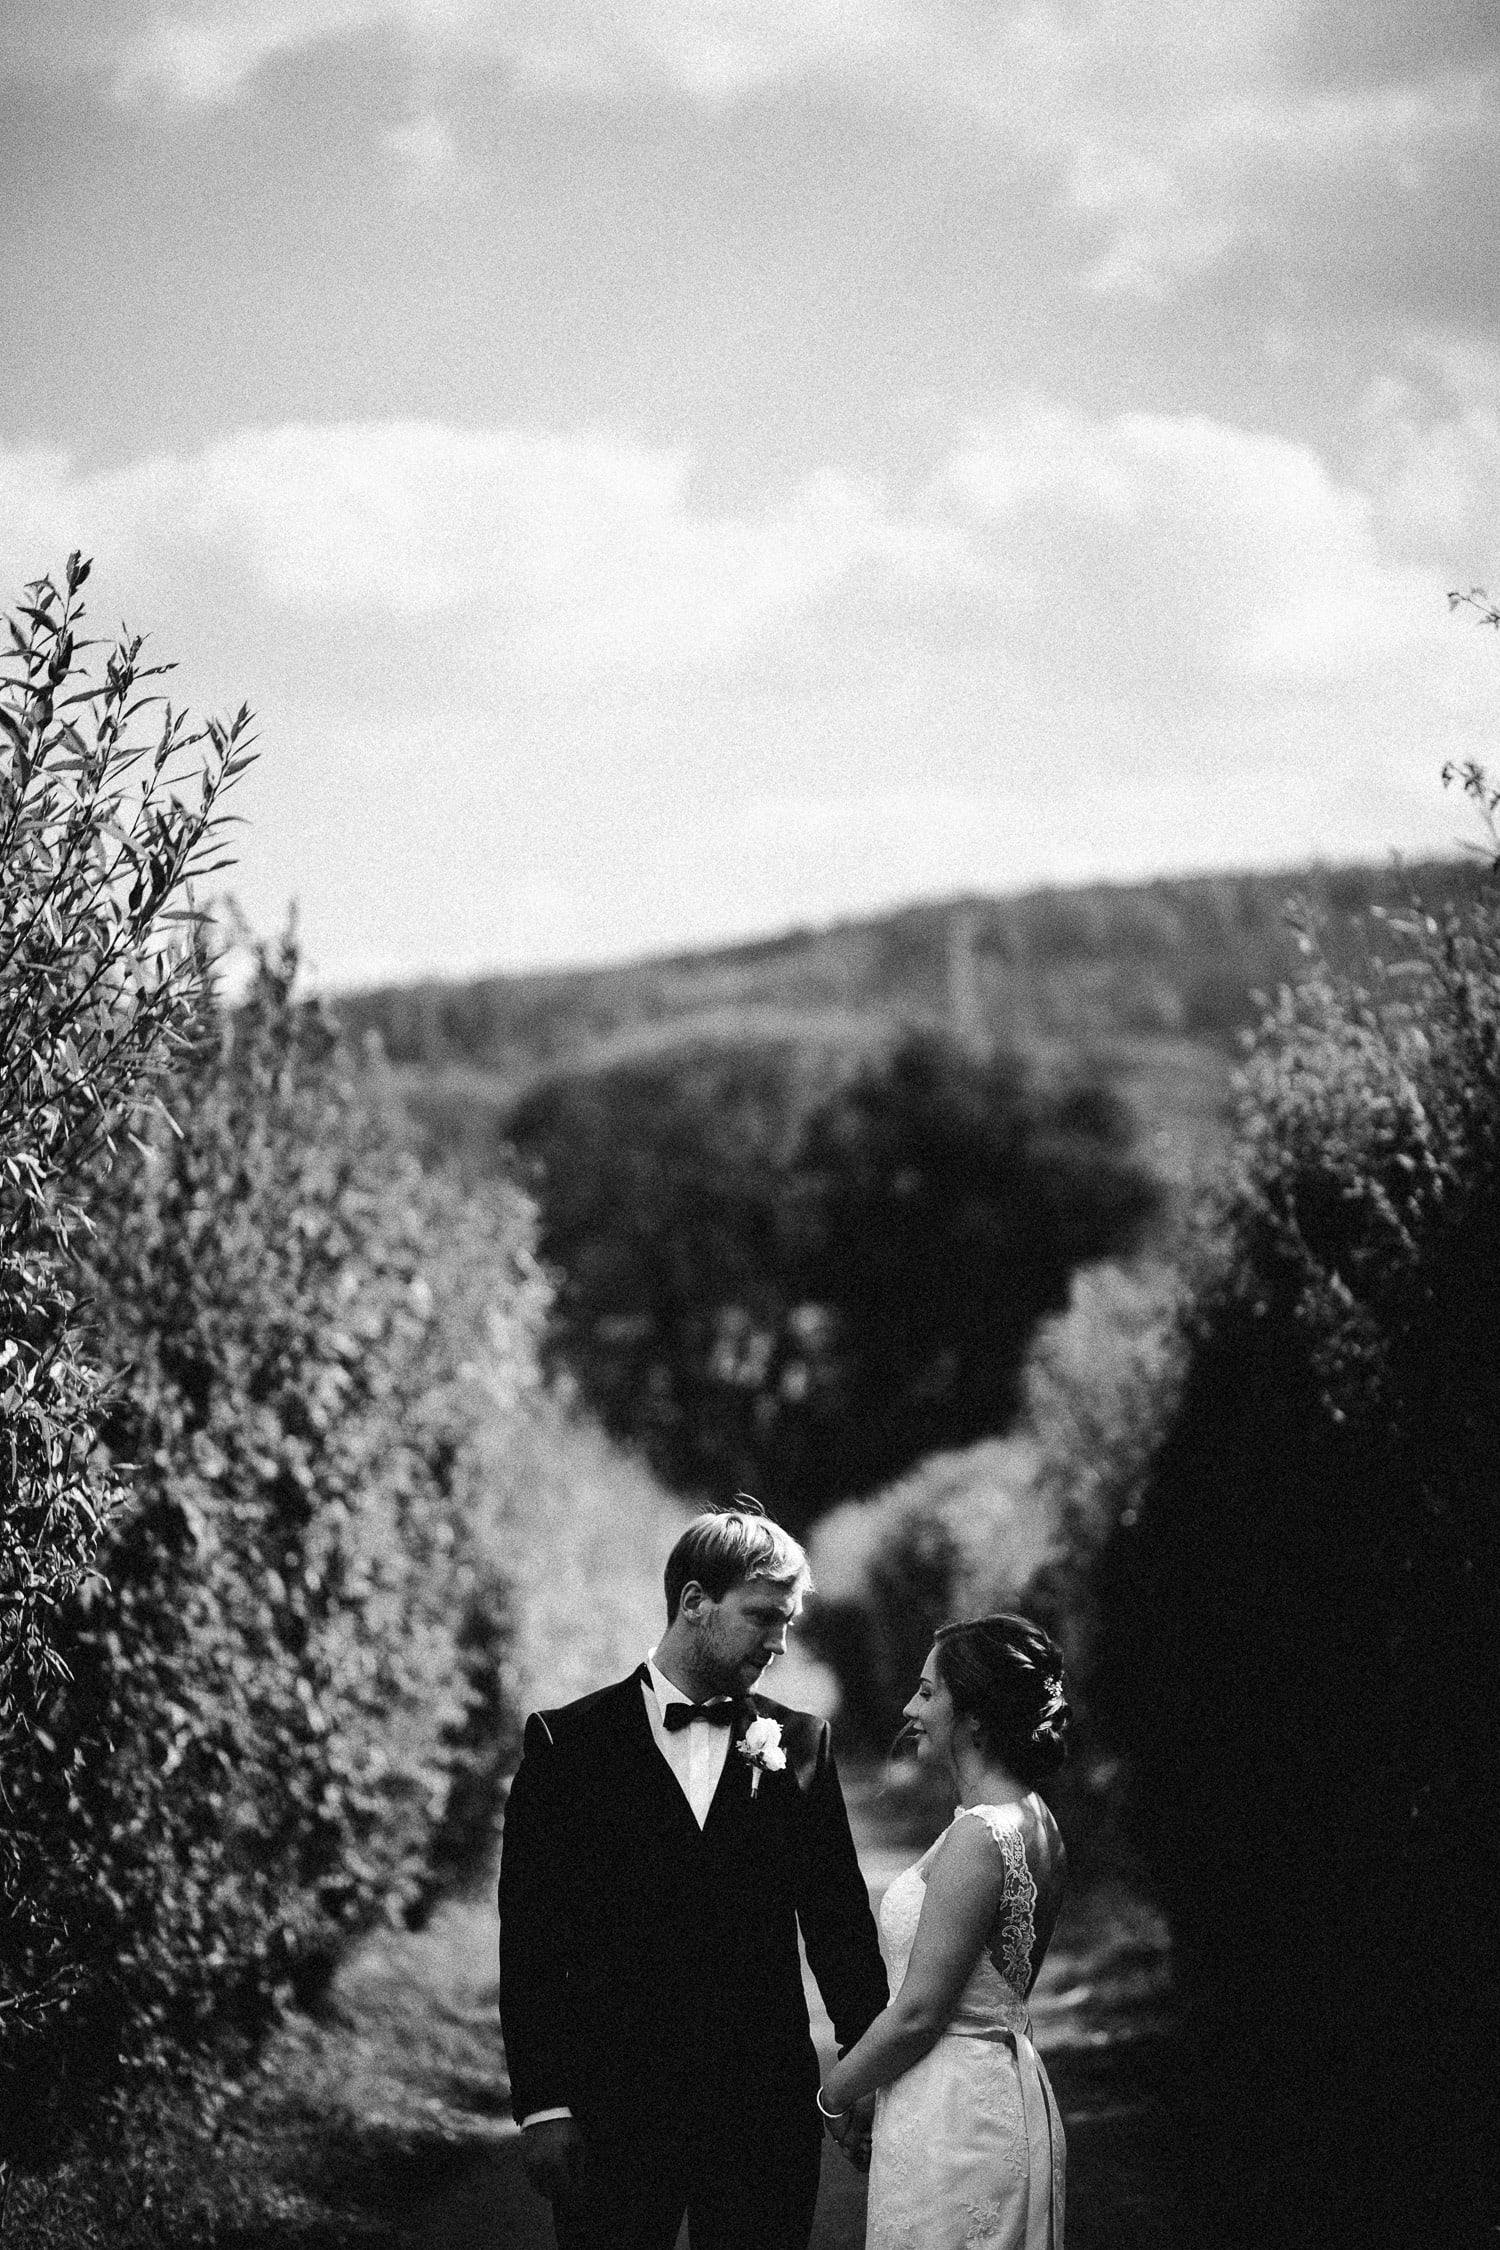 Sarah-Sven-Hochzeitsreportage-59a Yogalehrerin heiratet Handball Trainer Hochzeitreportage